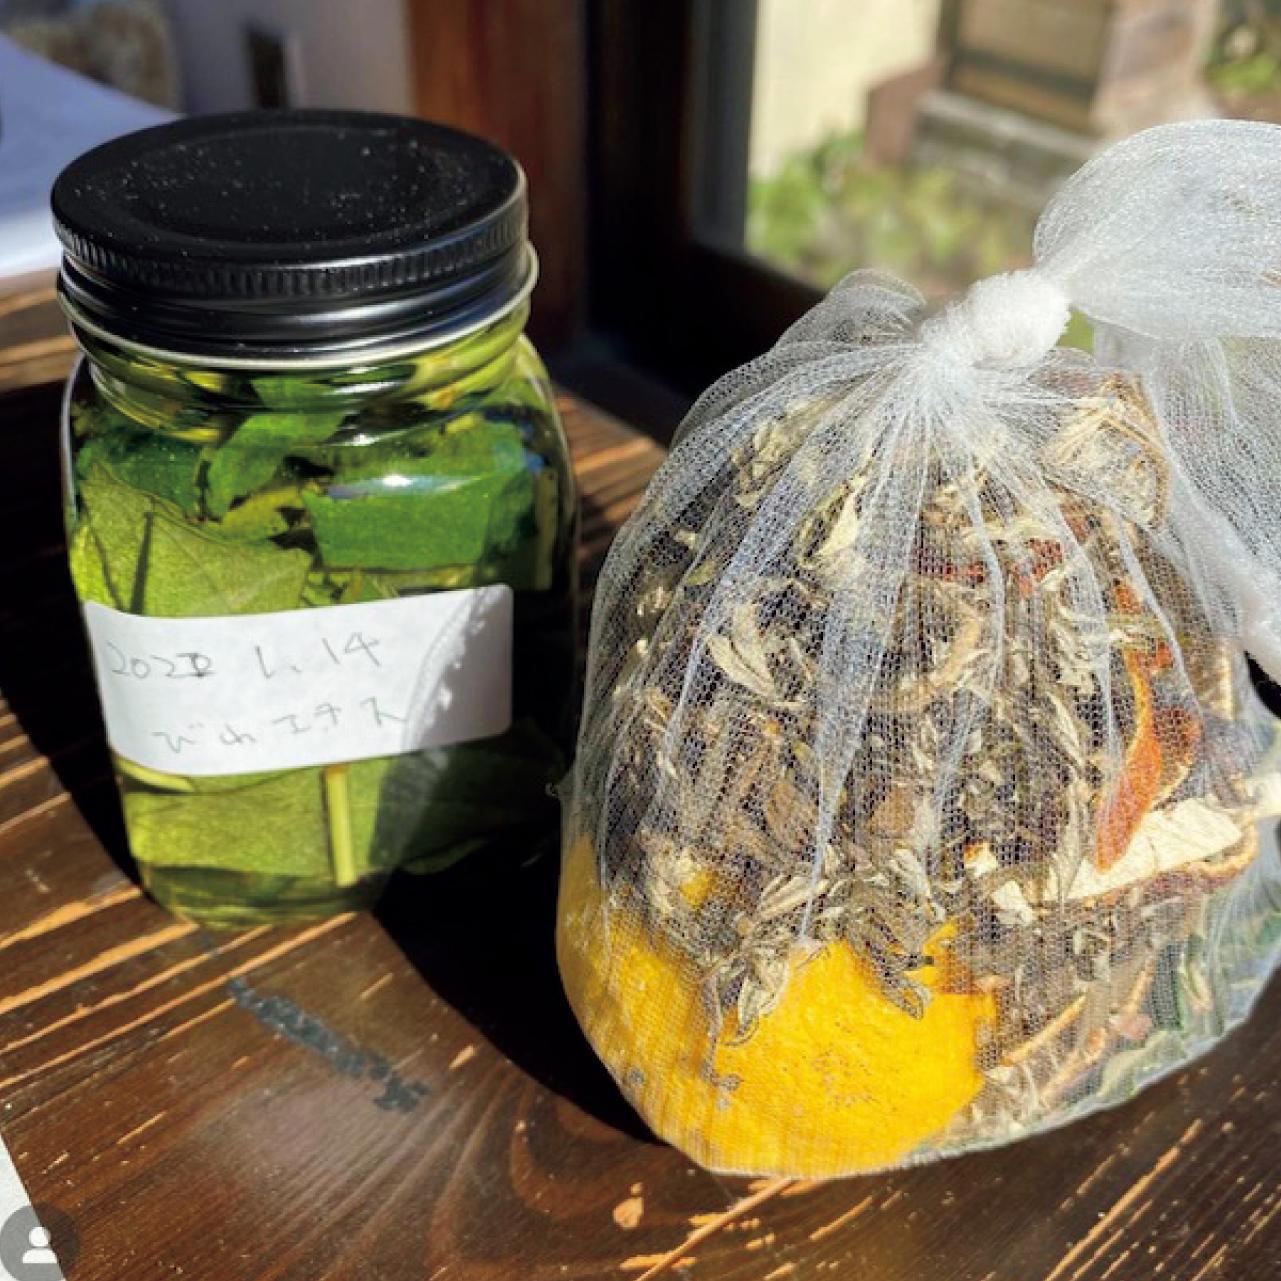 びわの葉、みかんの皮、干したよもぎの葉、ゆず、2種類の岩塩で手作りした入浴剤